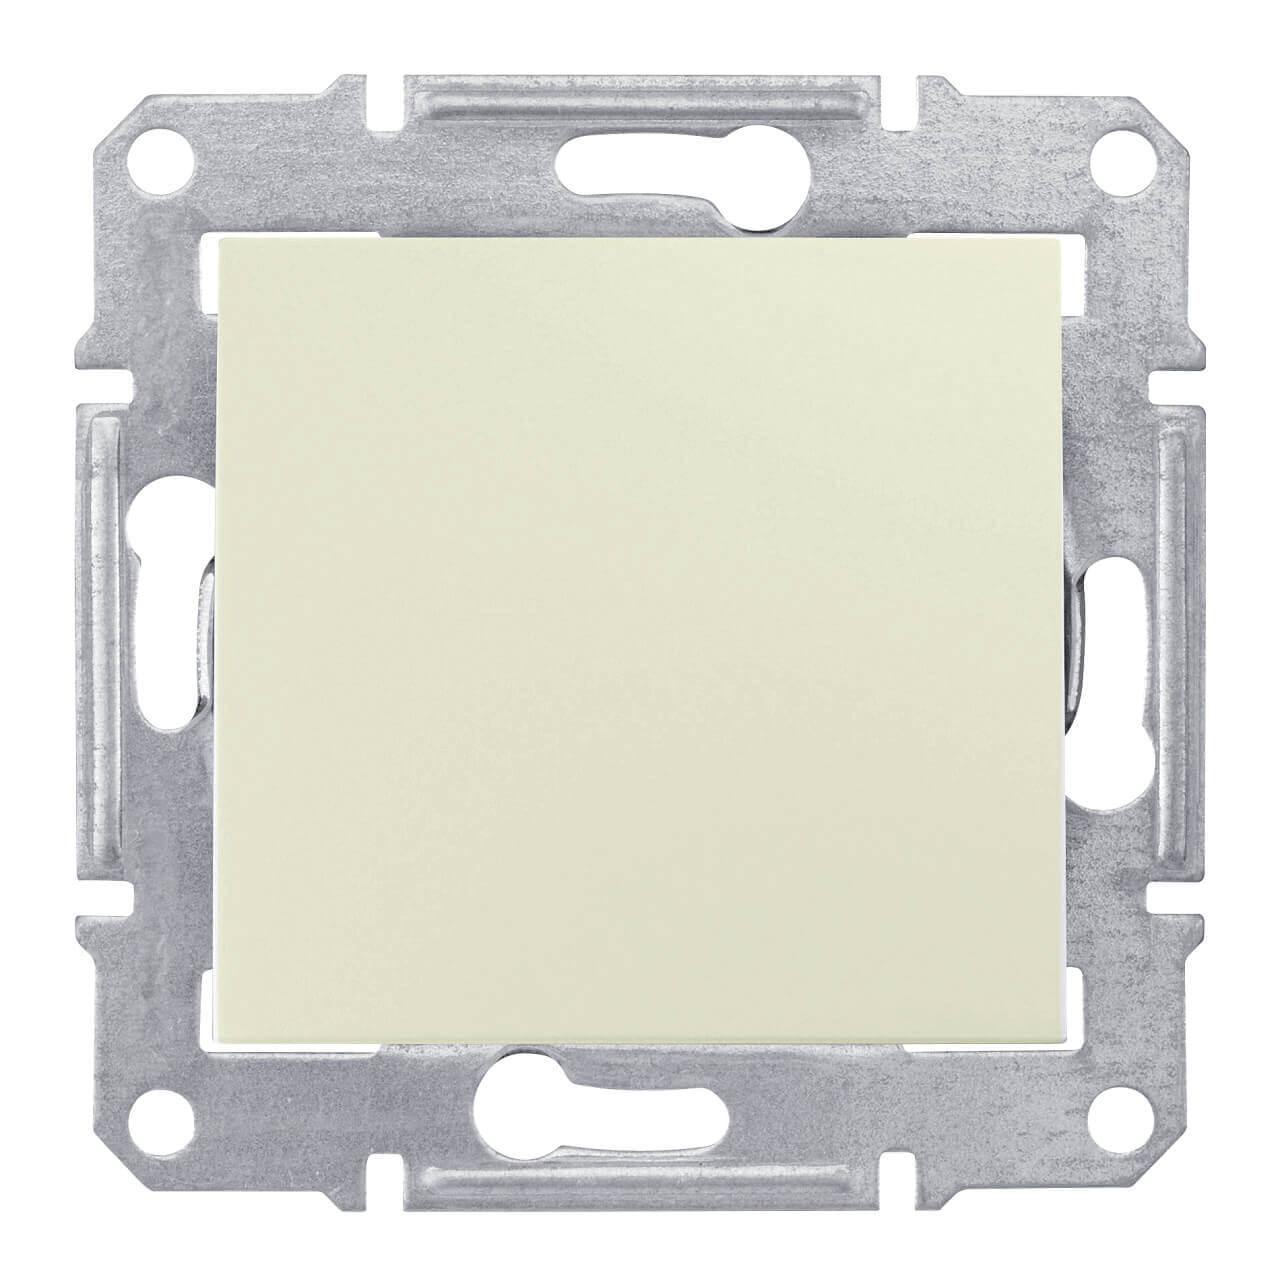 Выключатель Schneider Electric SDN0400147 Sedna переключатель одноклавишный schneider electric sedna 10a 250v sdn0400170